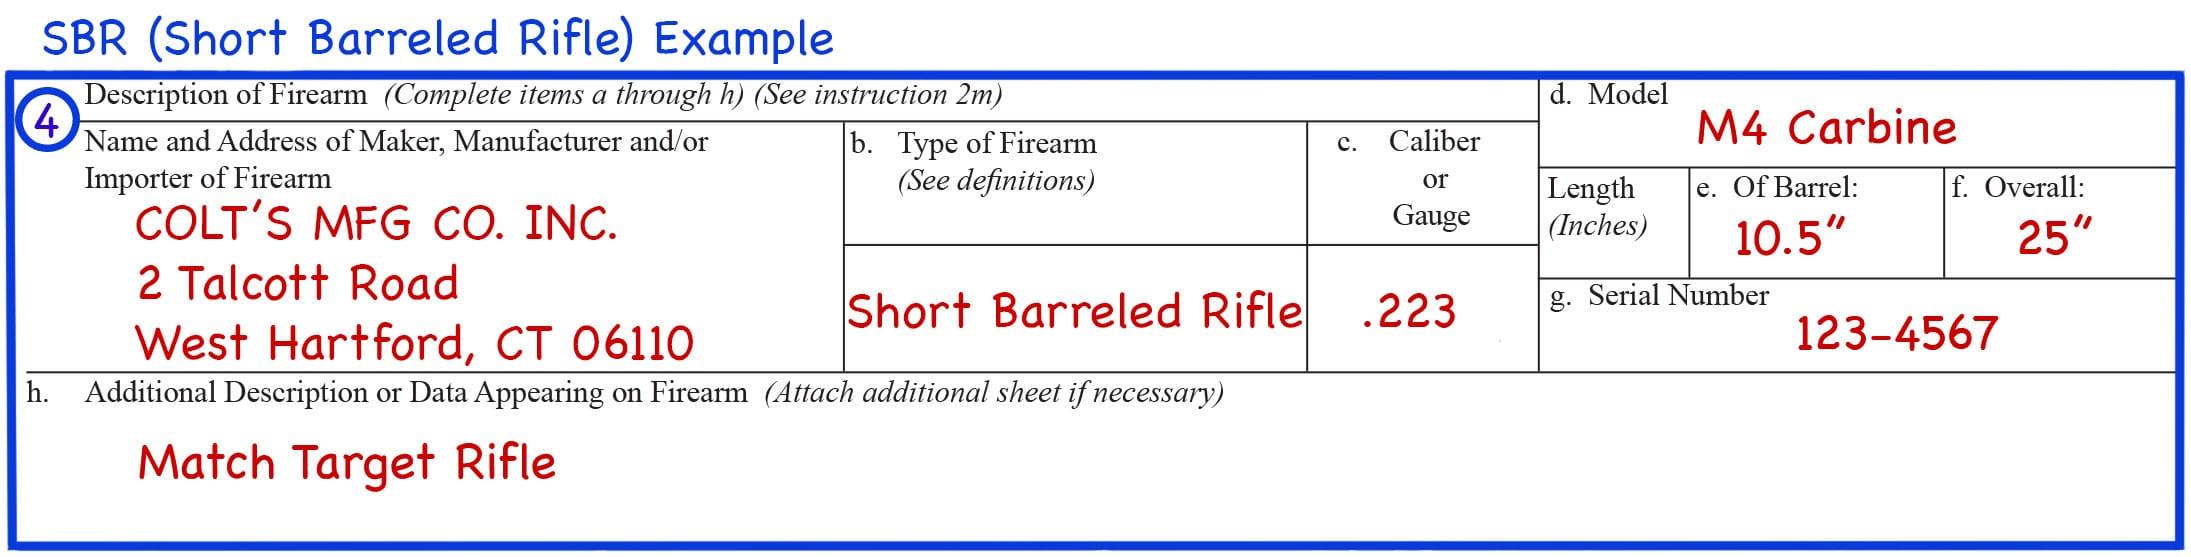 Form 4 Box 4 SBR